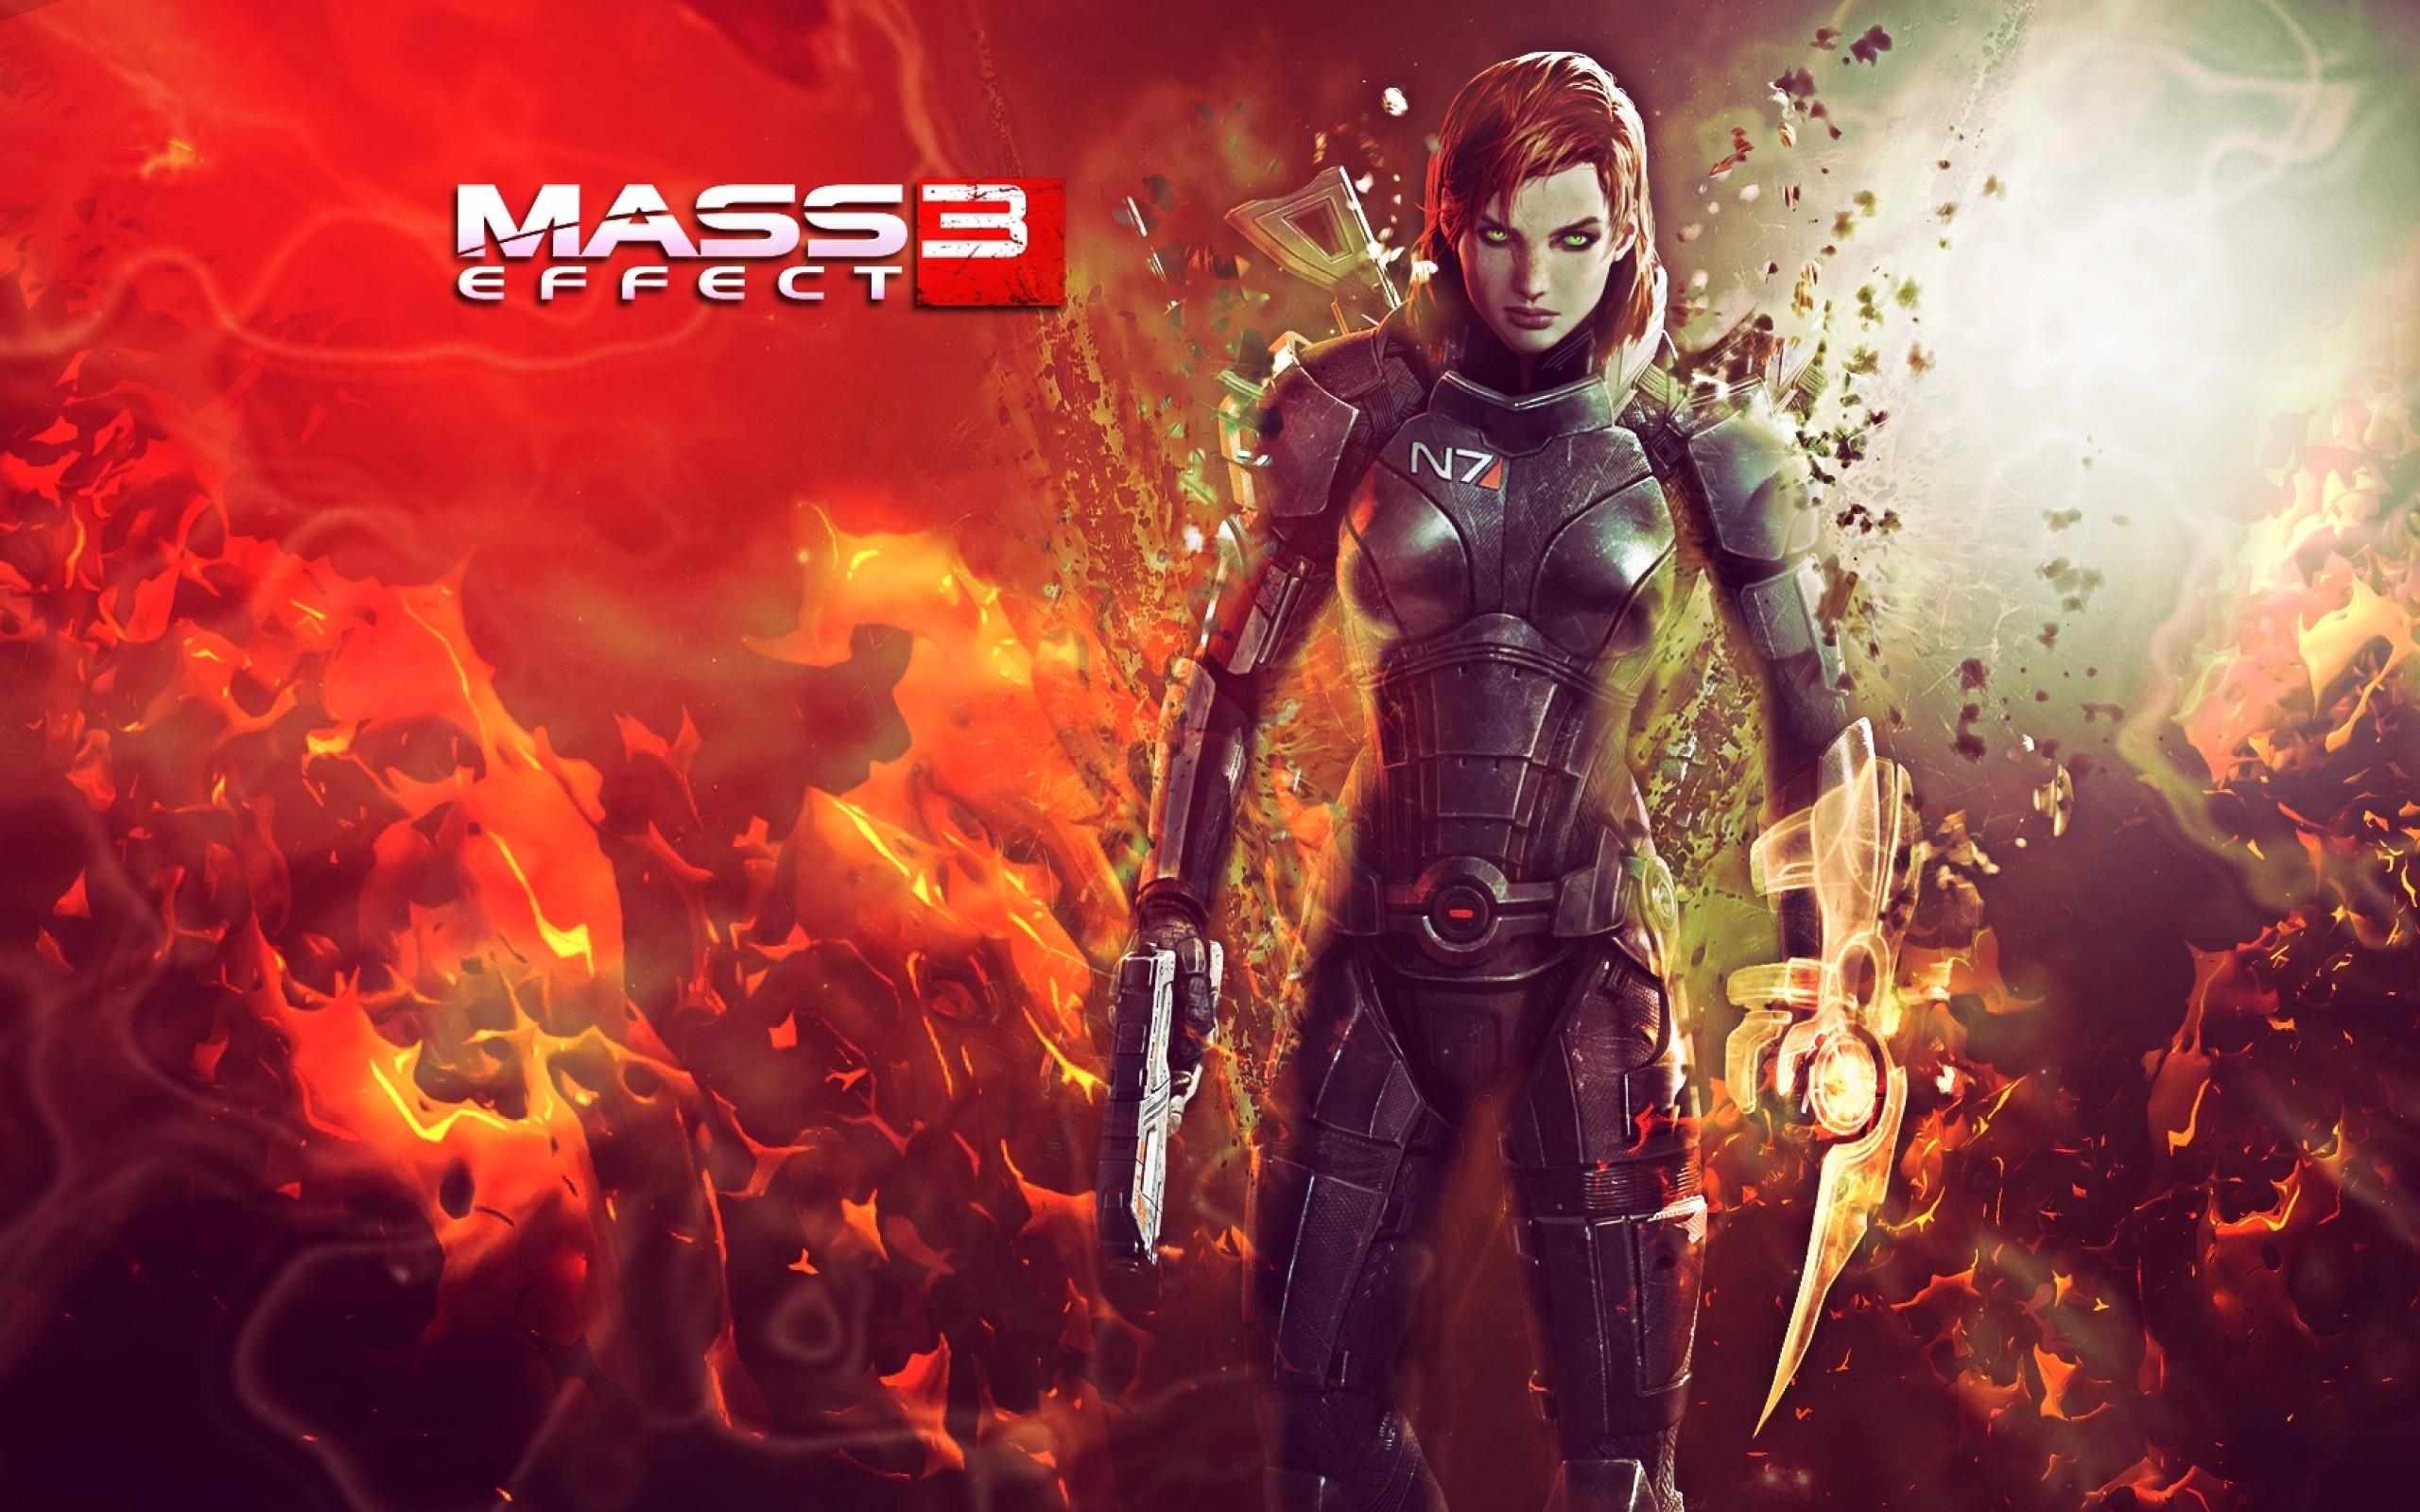 mass effect mass effect 3 femshep commander shepard 1680×1050 wallpaper Art  HD Wallpaper